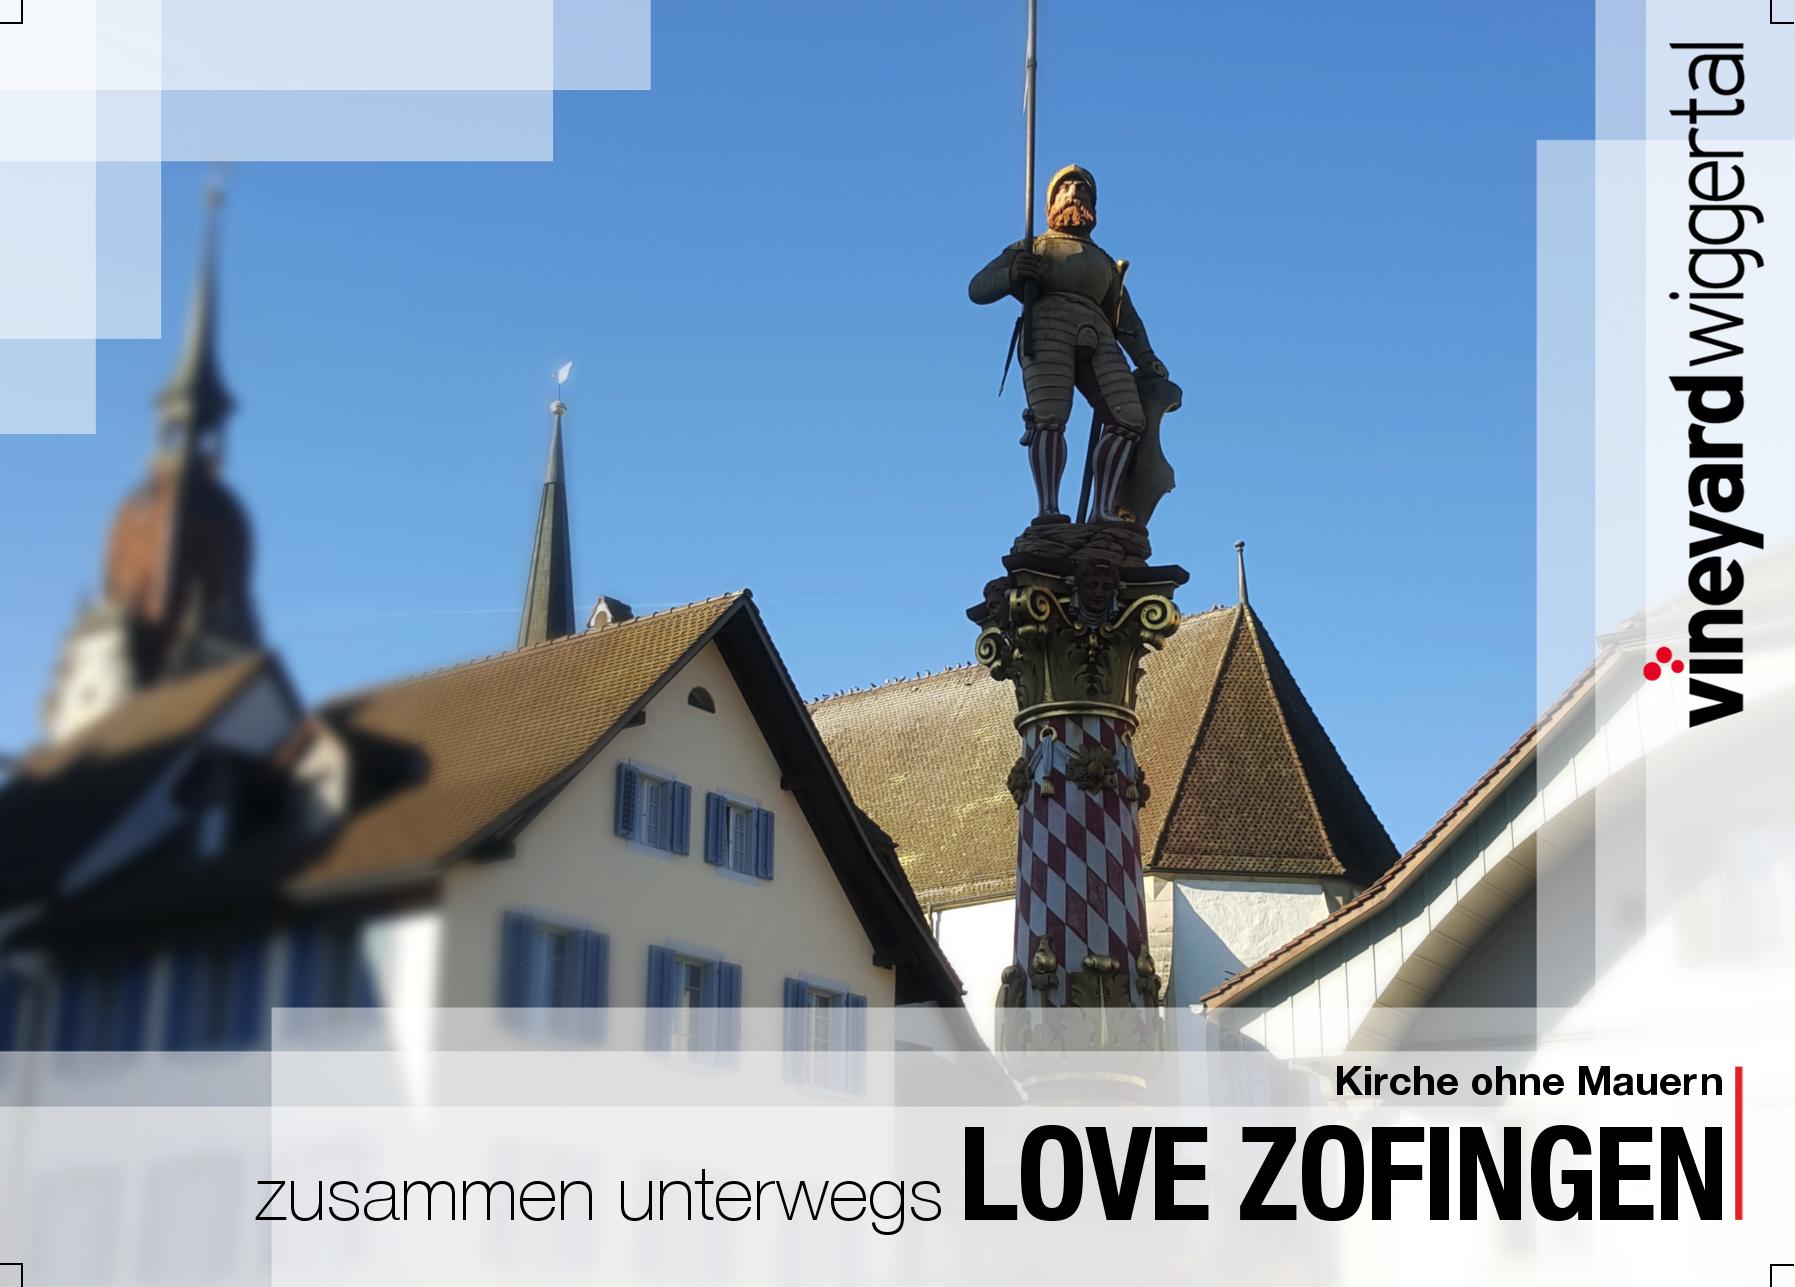 LOve Zofingen -